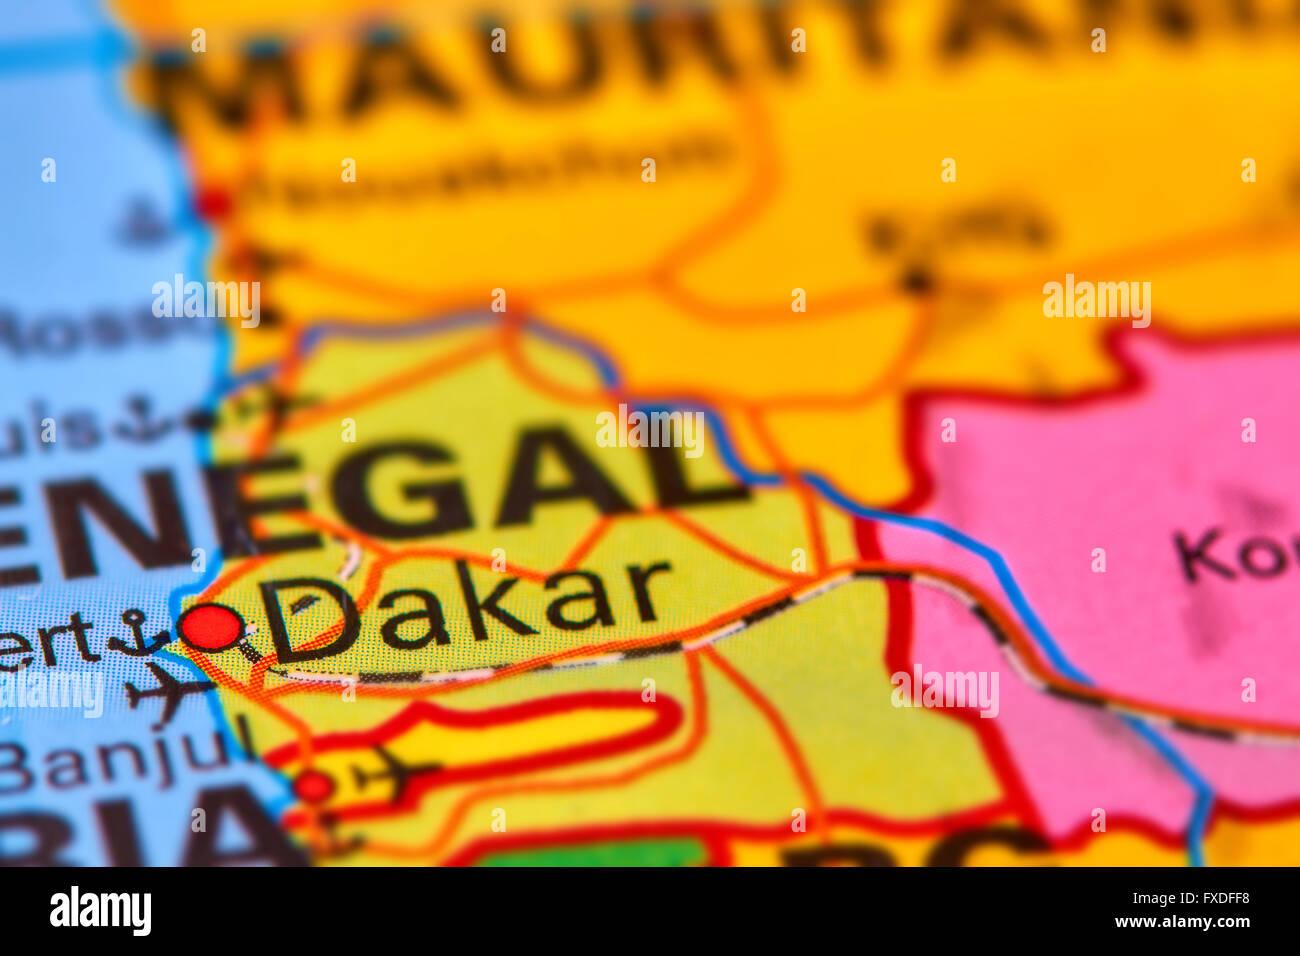 Dakar, capitale du Sénégal en Afrique sur la carte du monde Photo Stock